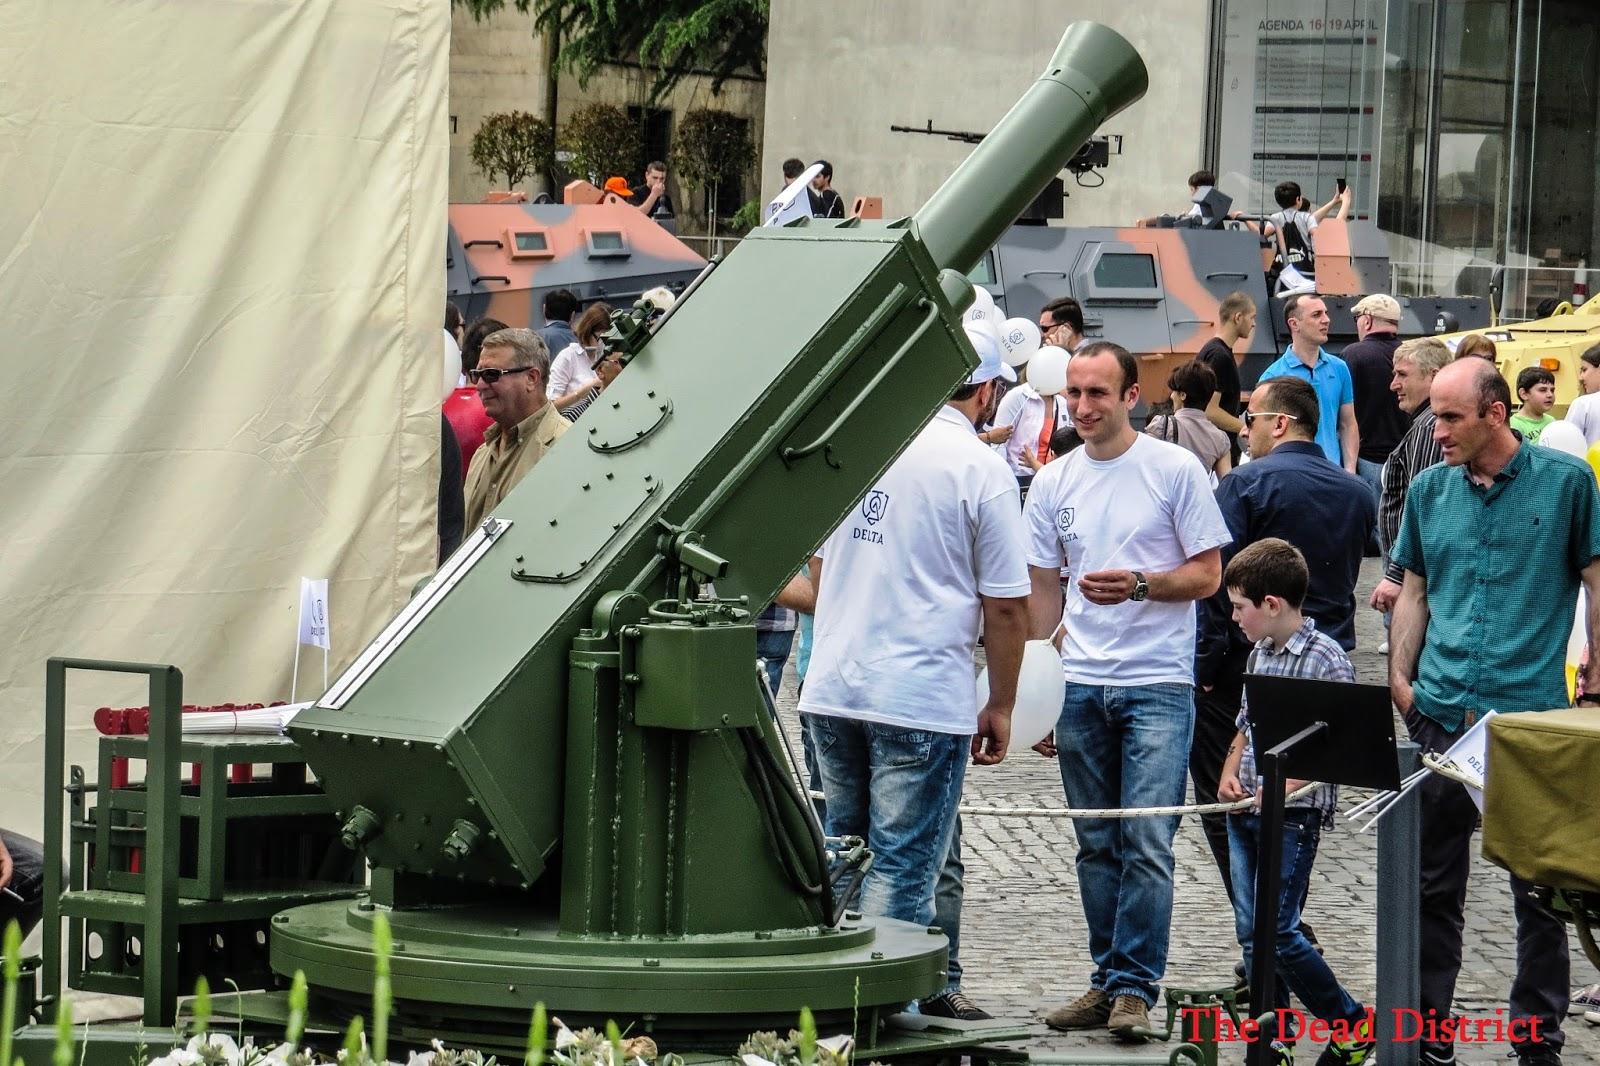 Georgia Μilitary: News and Modernisation IMG_3363